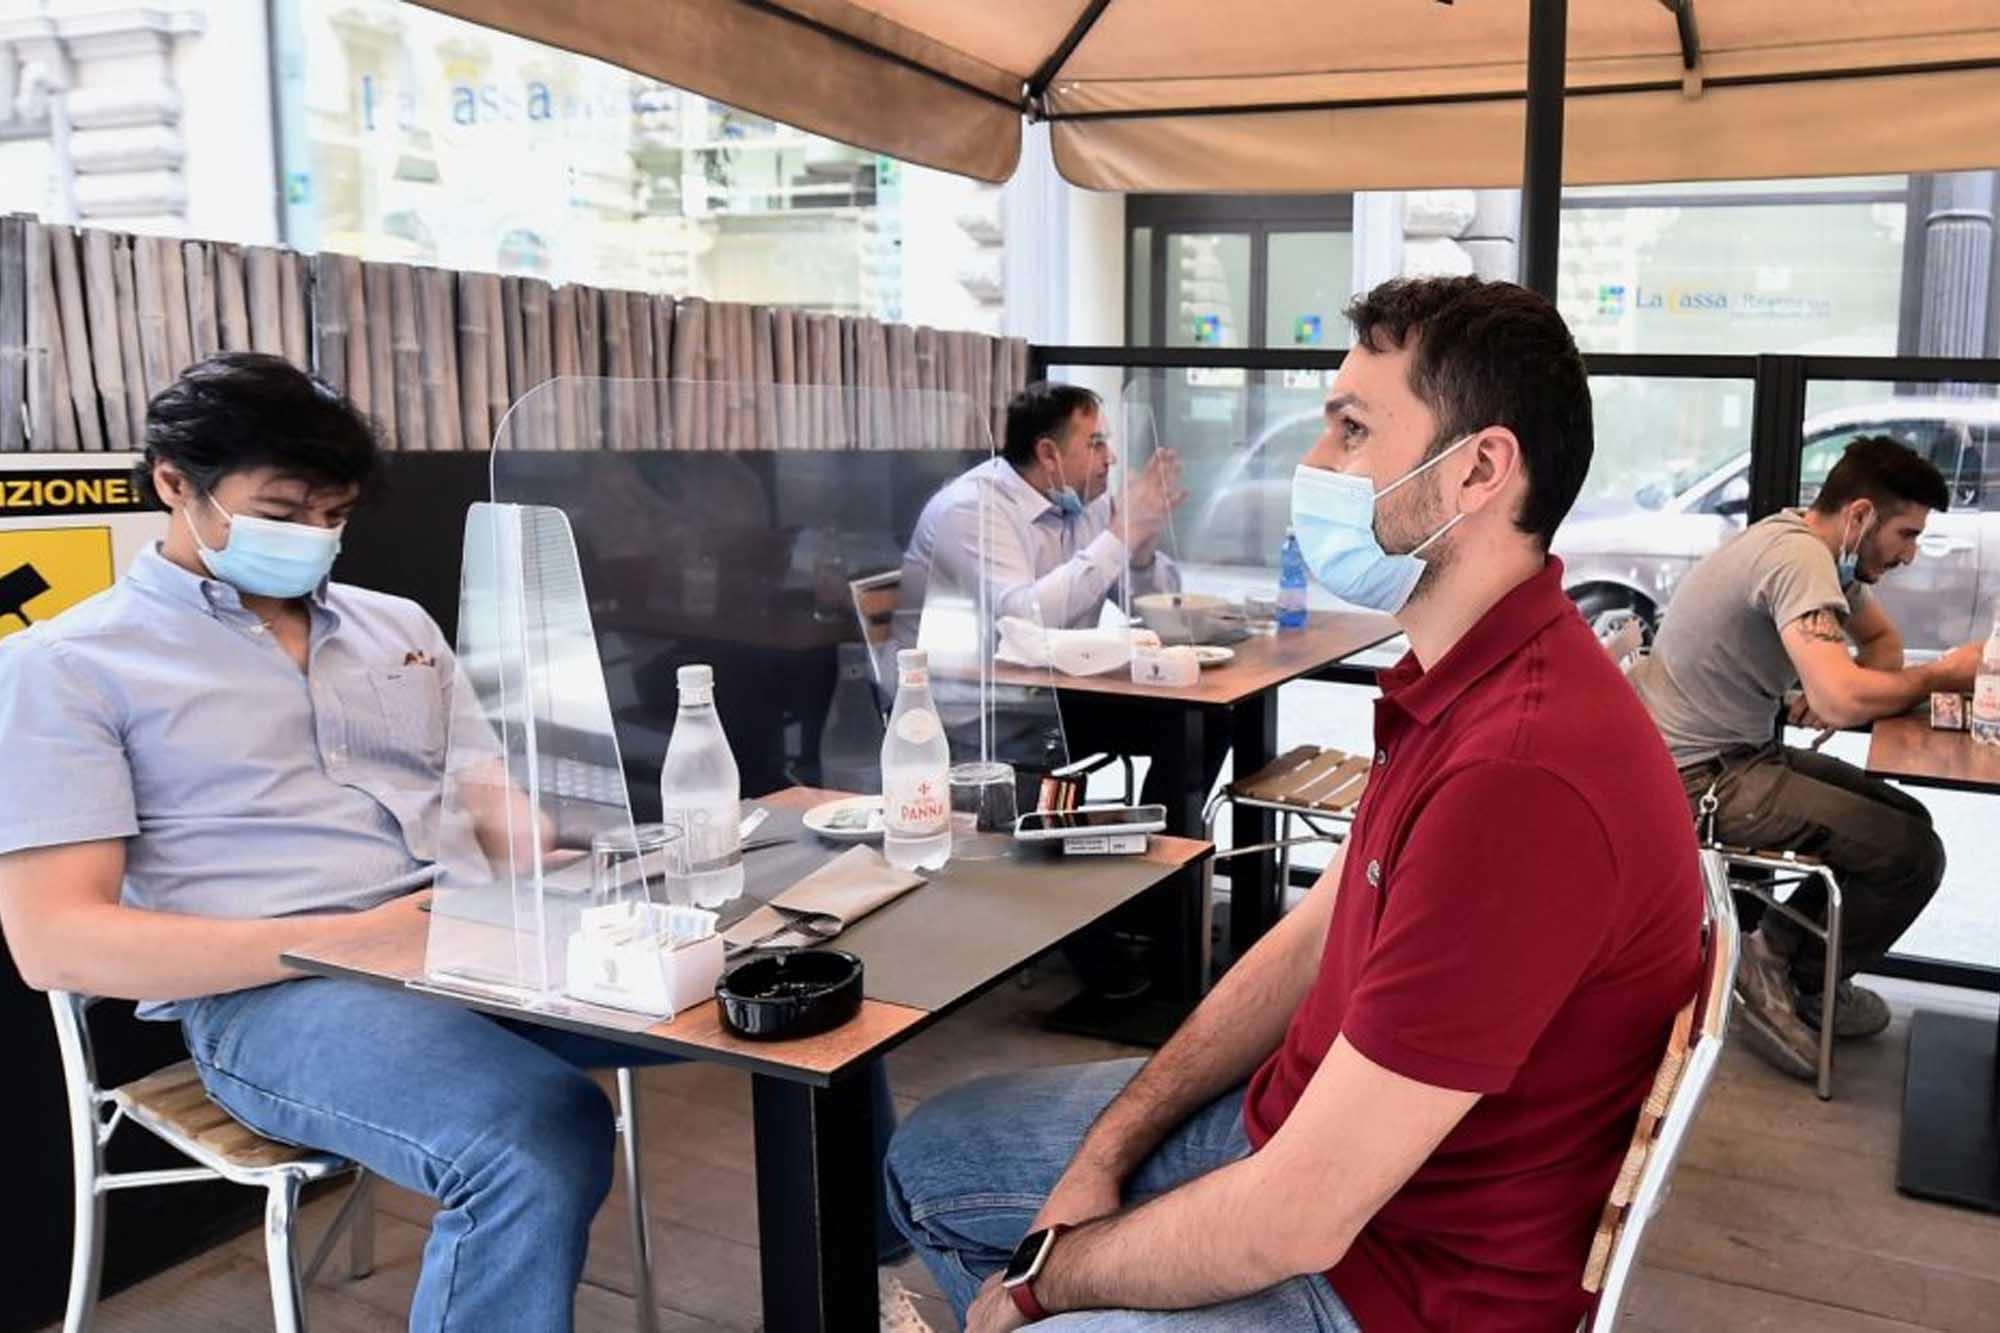 Reinventando restaurantes 030620